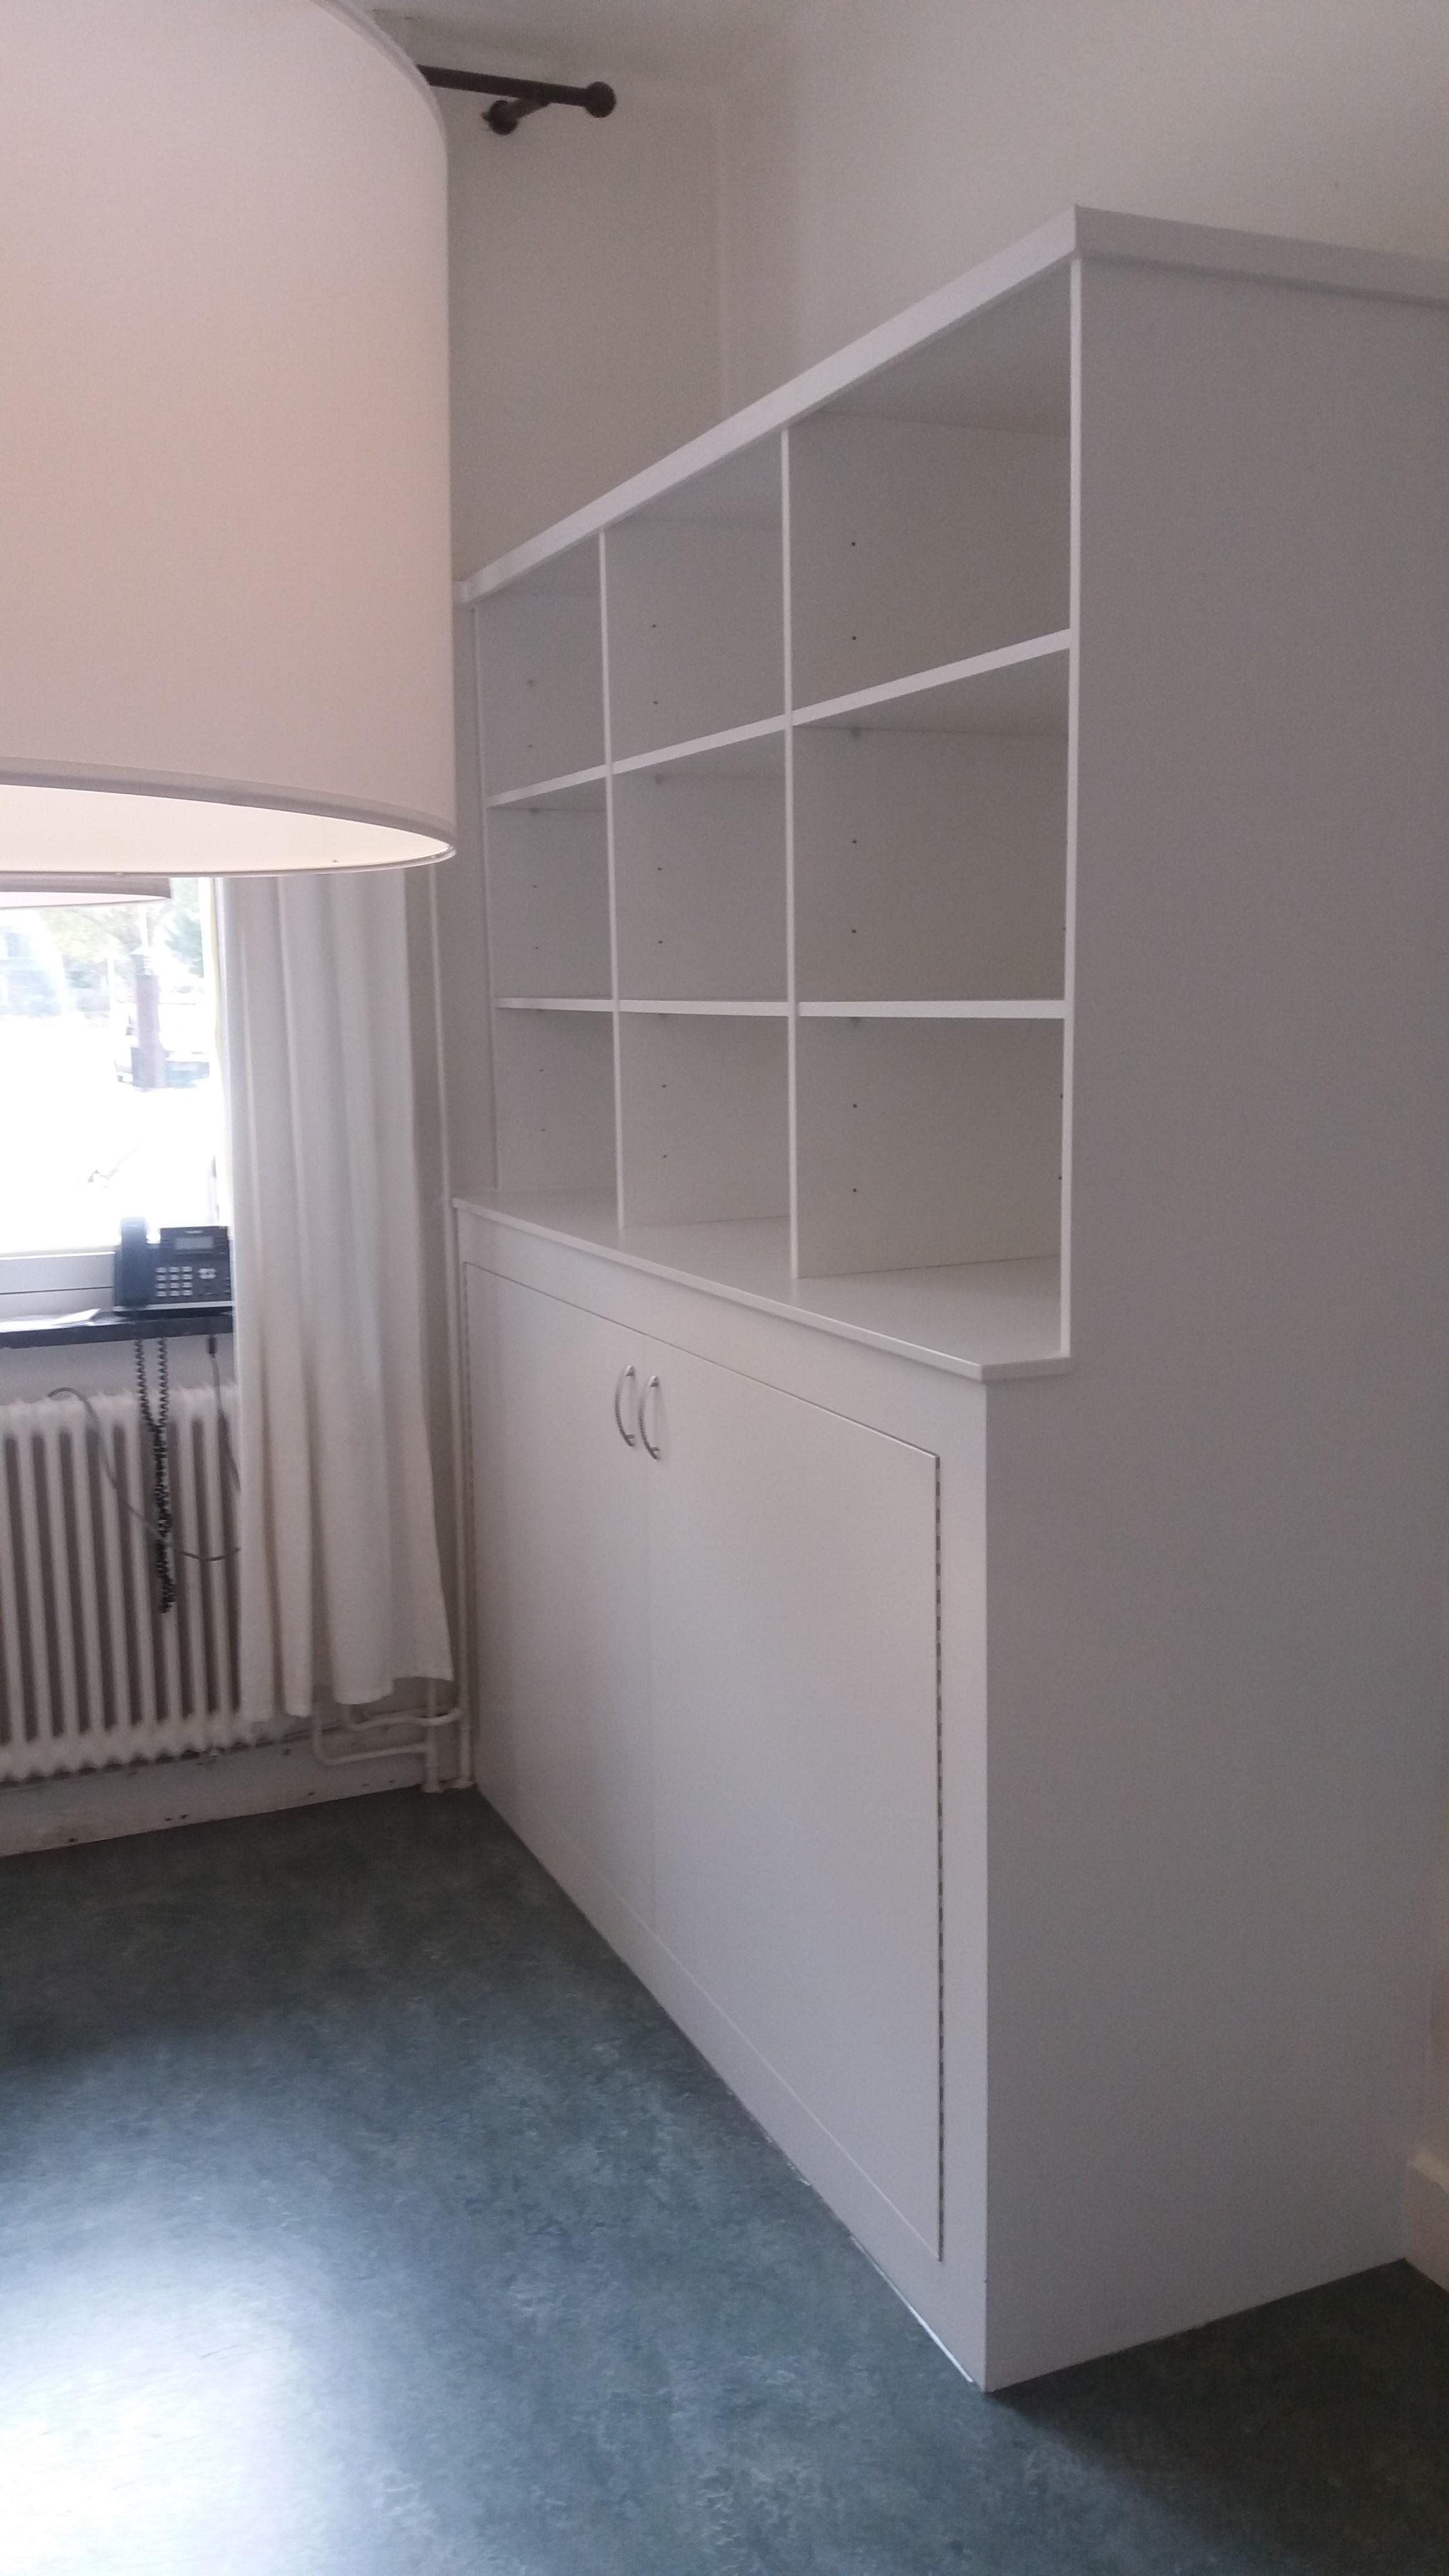 Op maat gemaakte gasmeterombouw met boekenkast er boven for Multimate ijmuiden